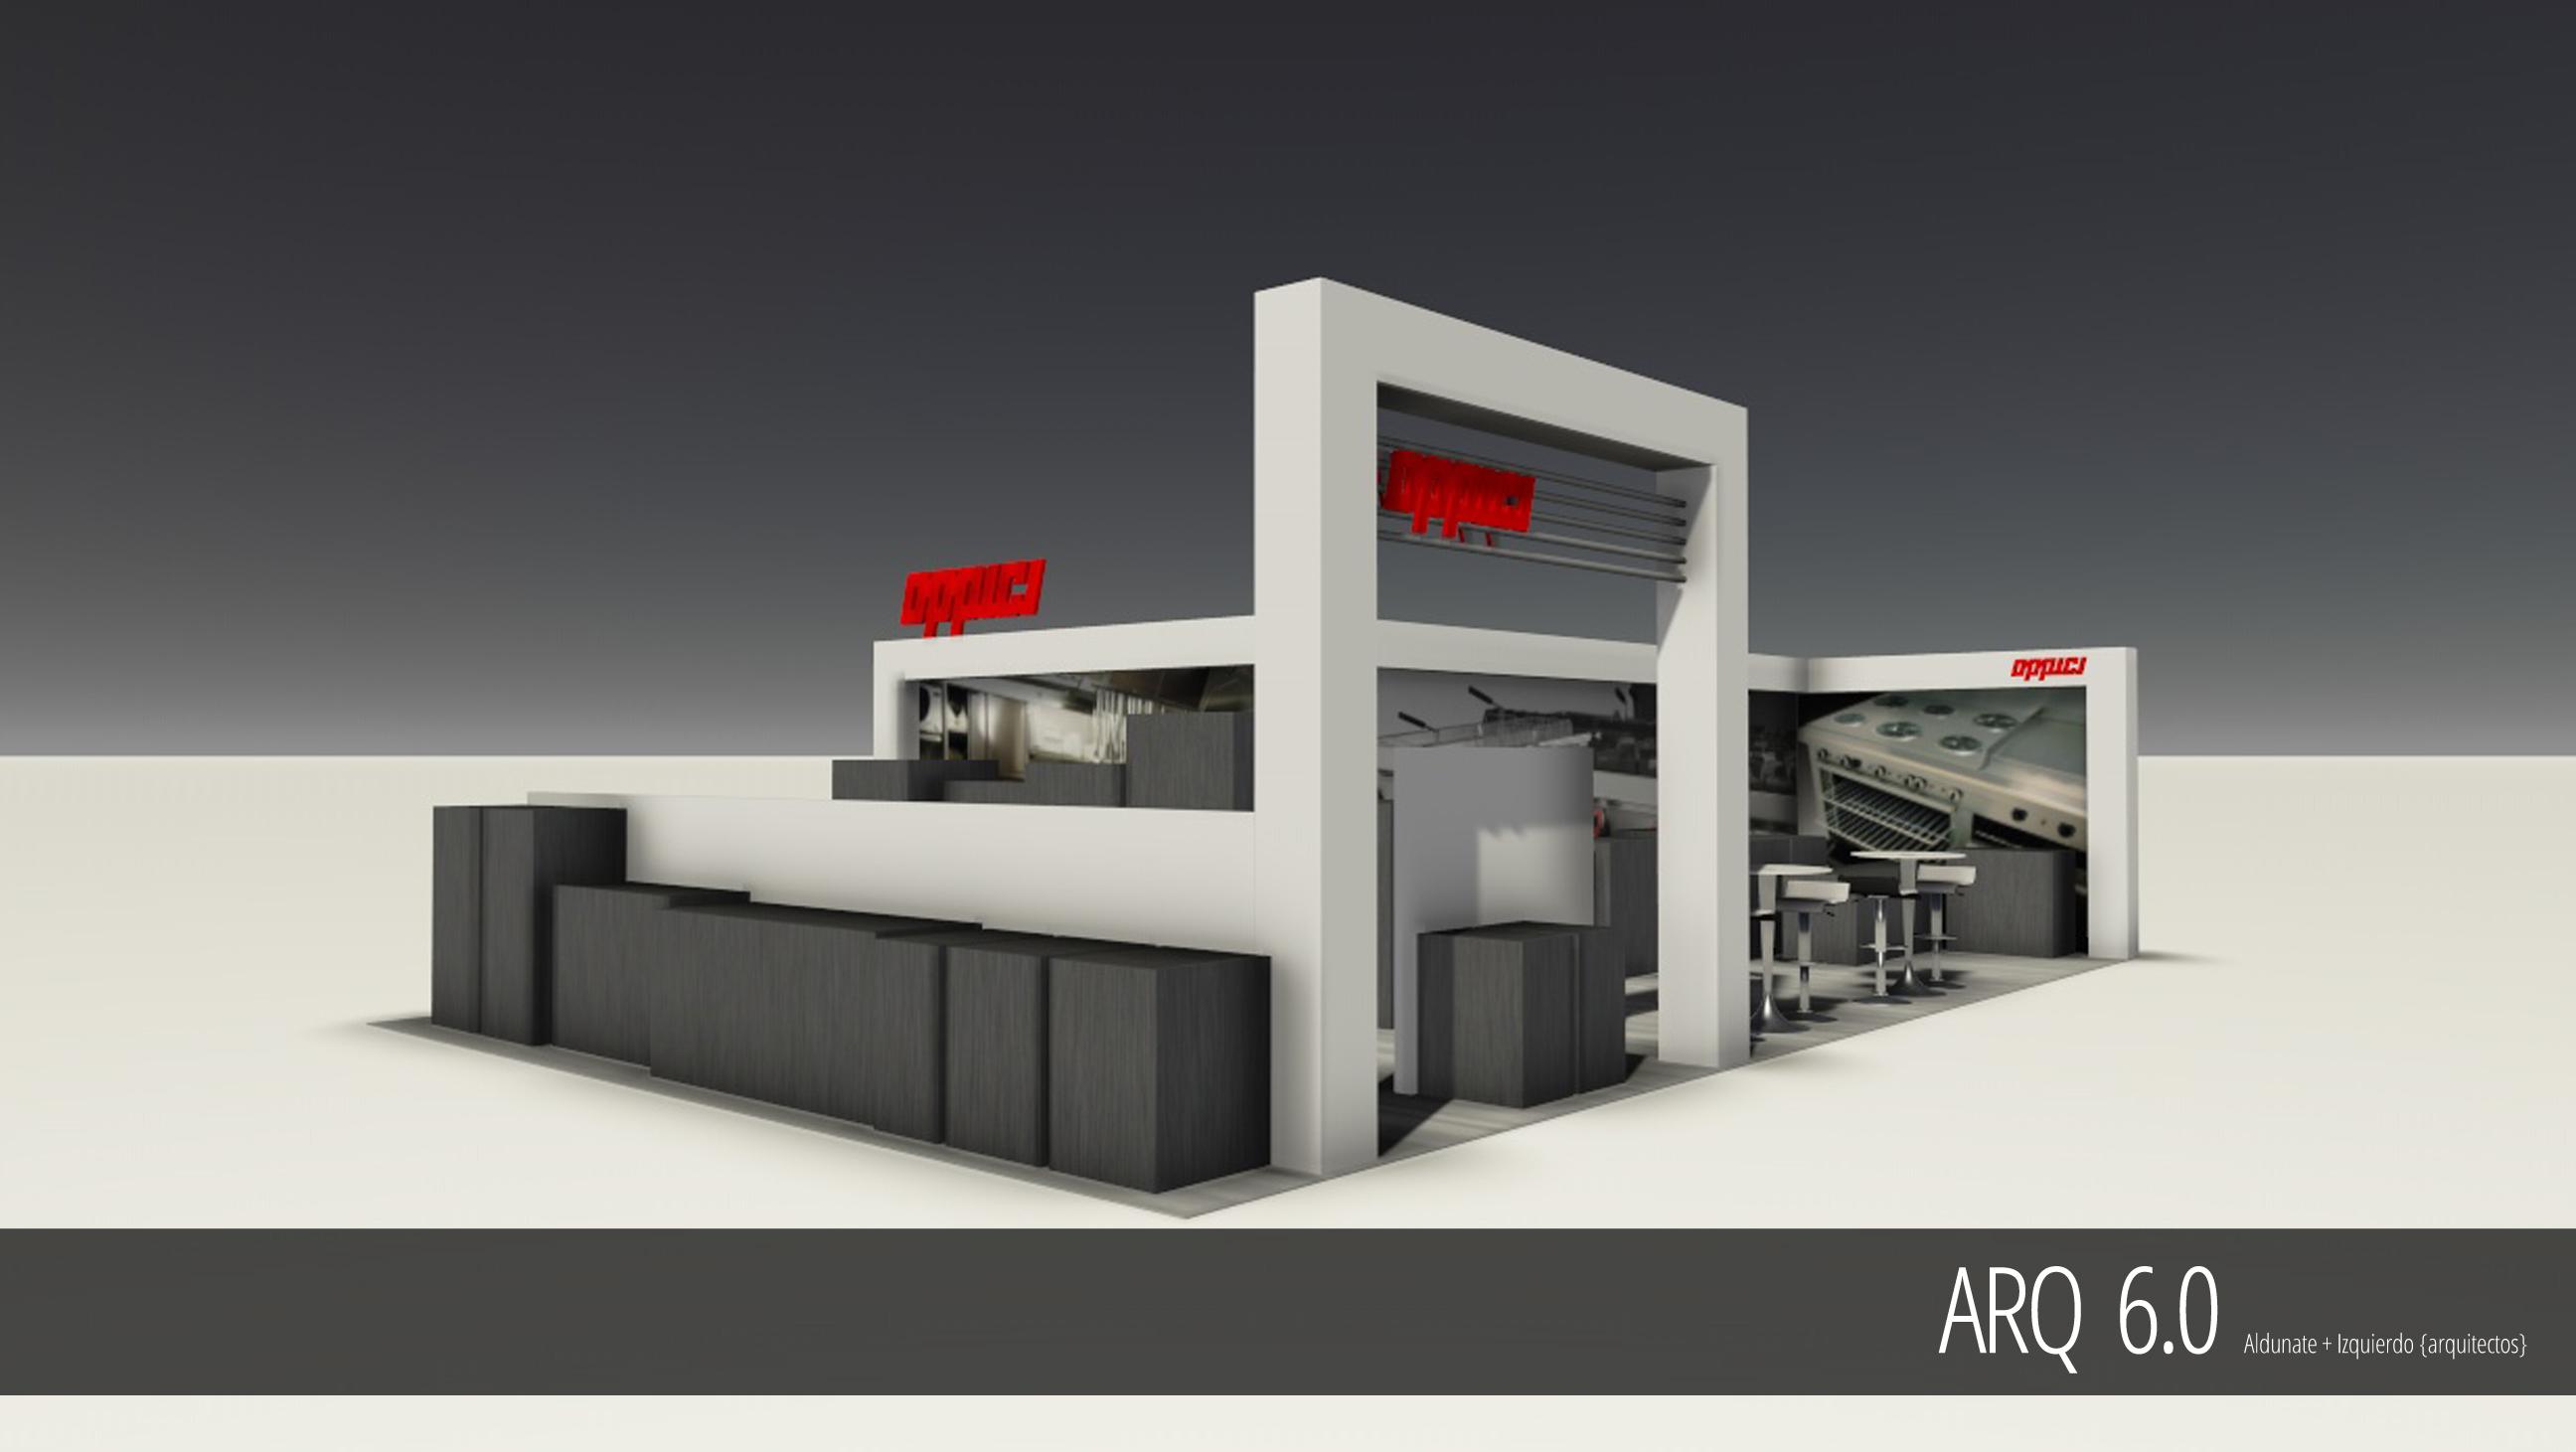 ARQ 6 - Oppici Expo Hospital - 03.jpg